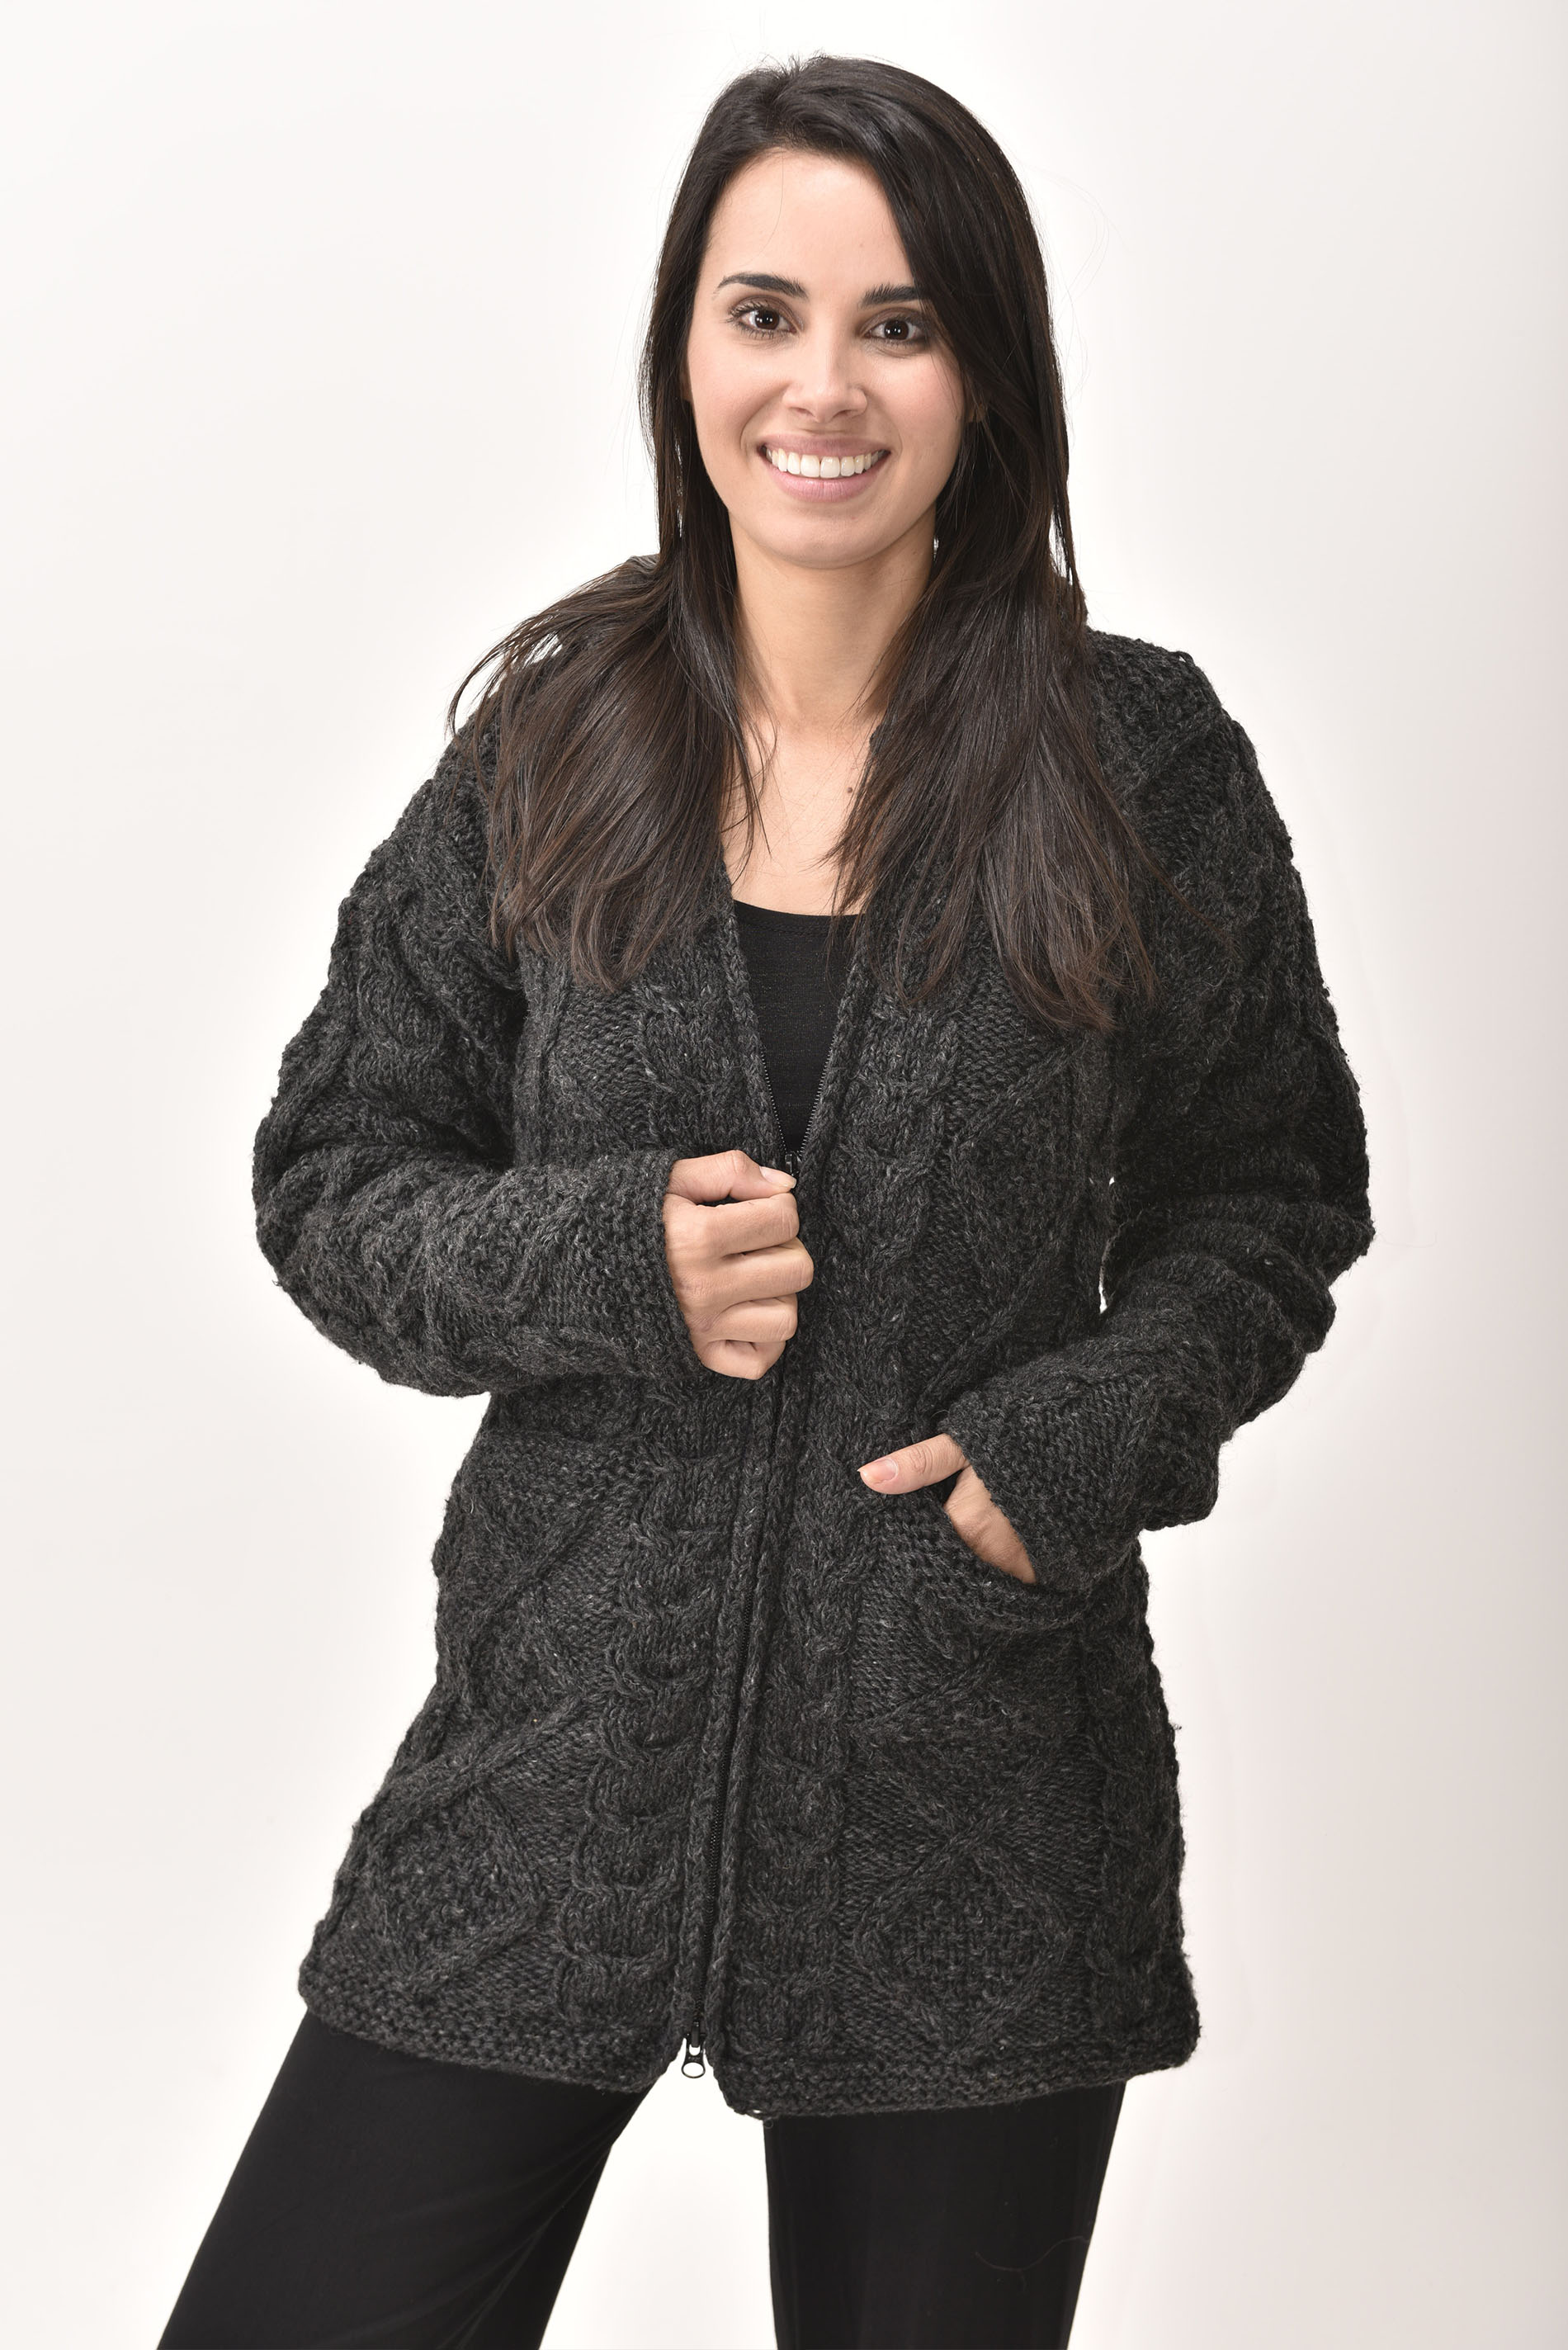 Himalayan Mountain Jacket Long Length Cable Knit, Grey